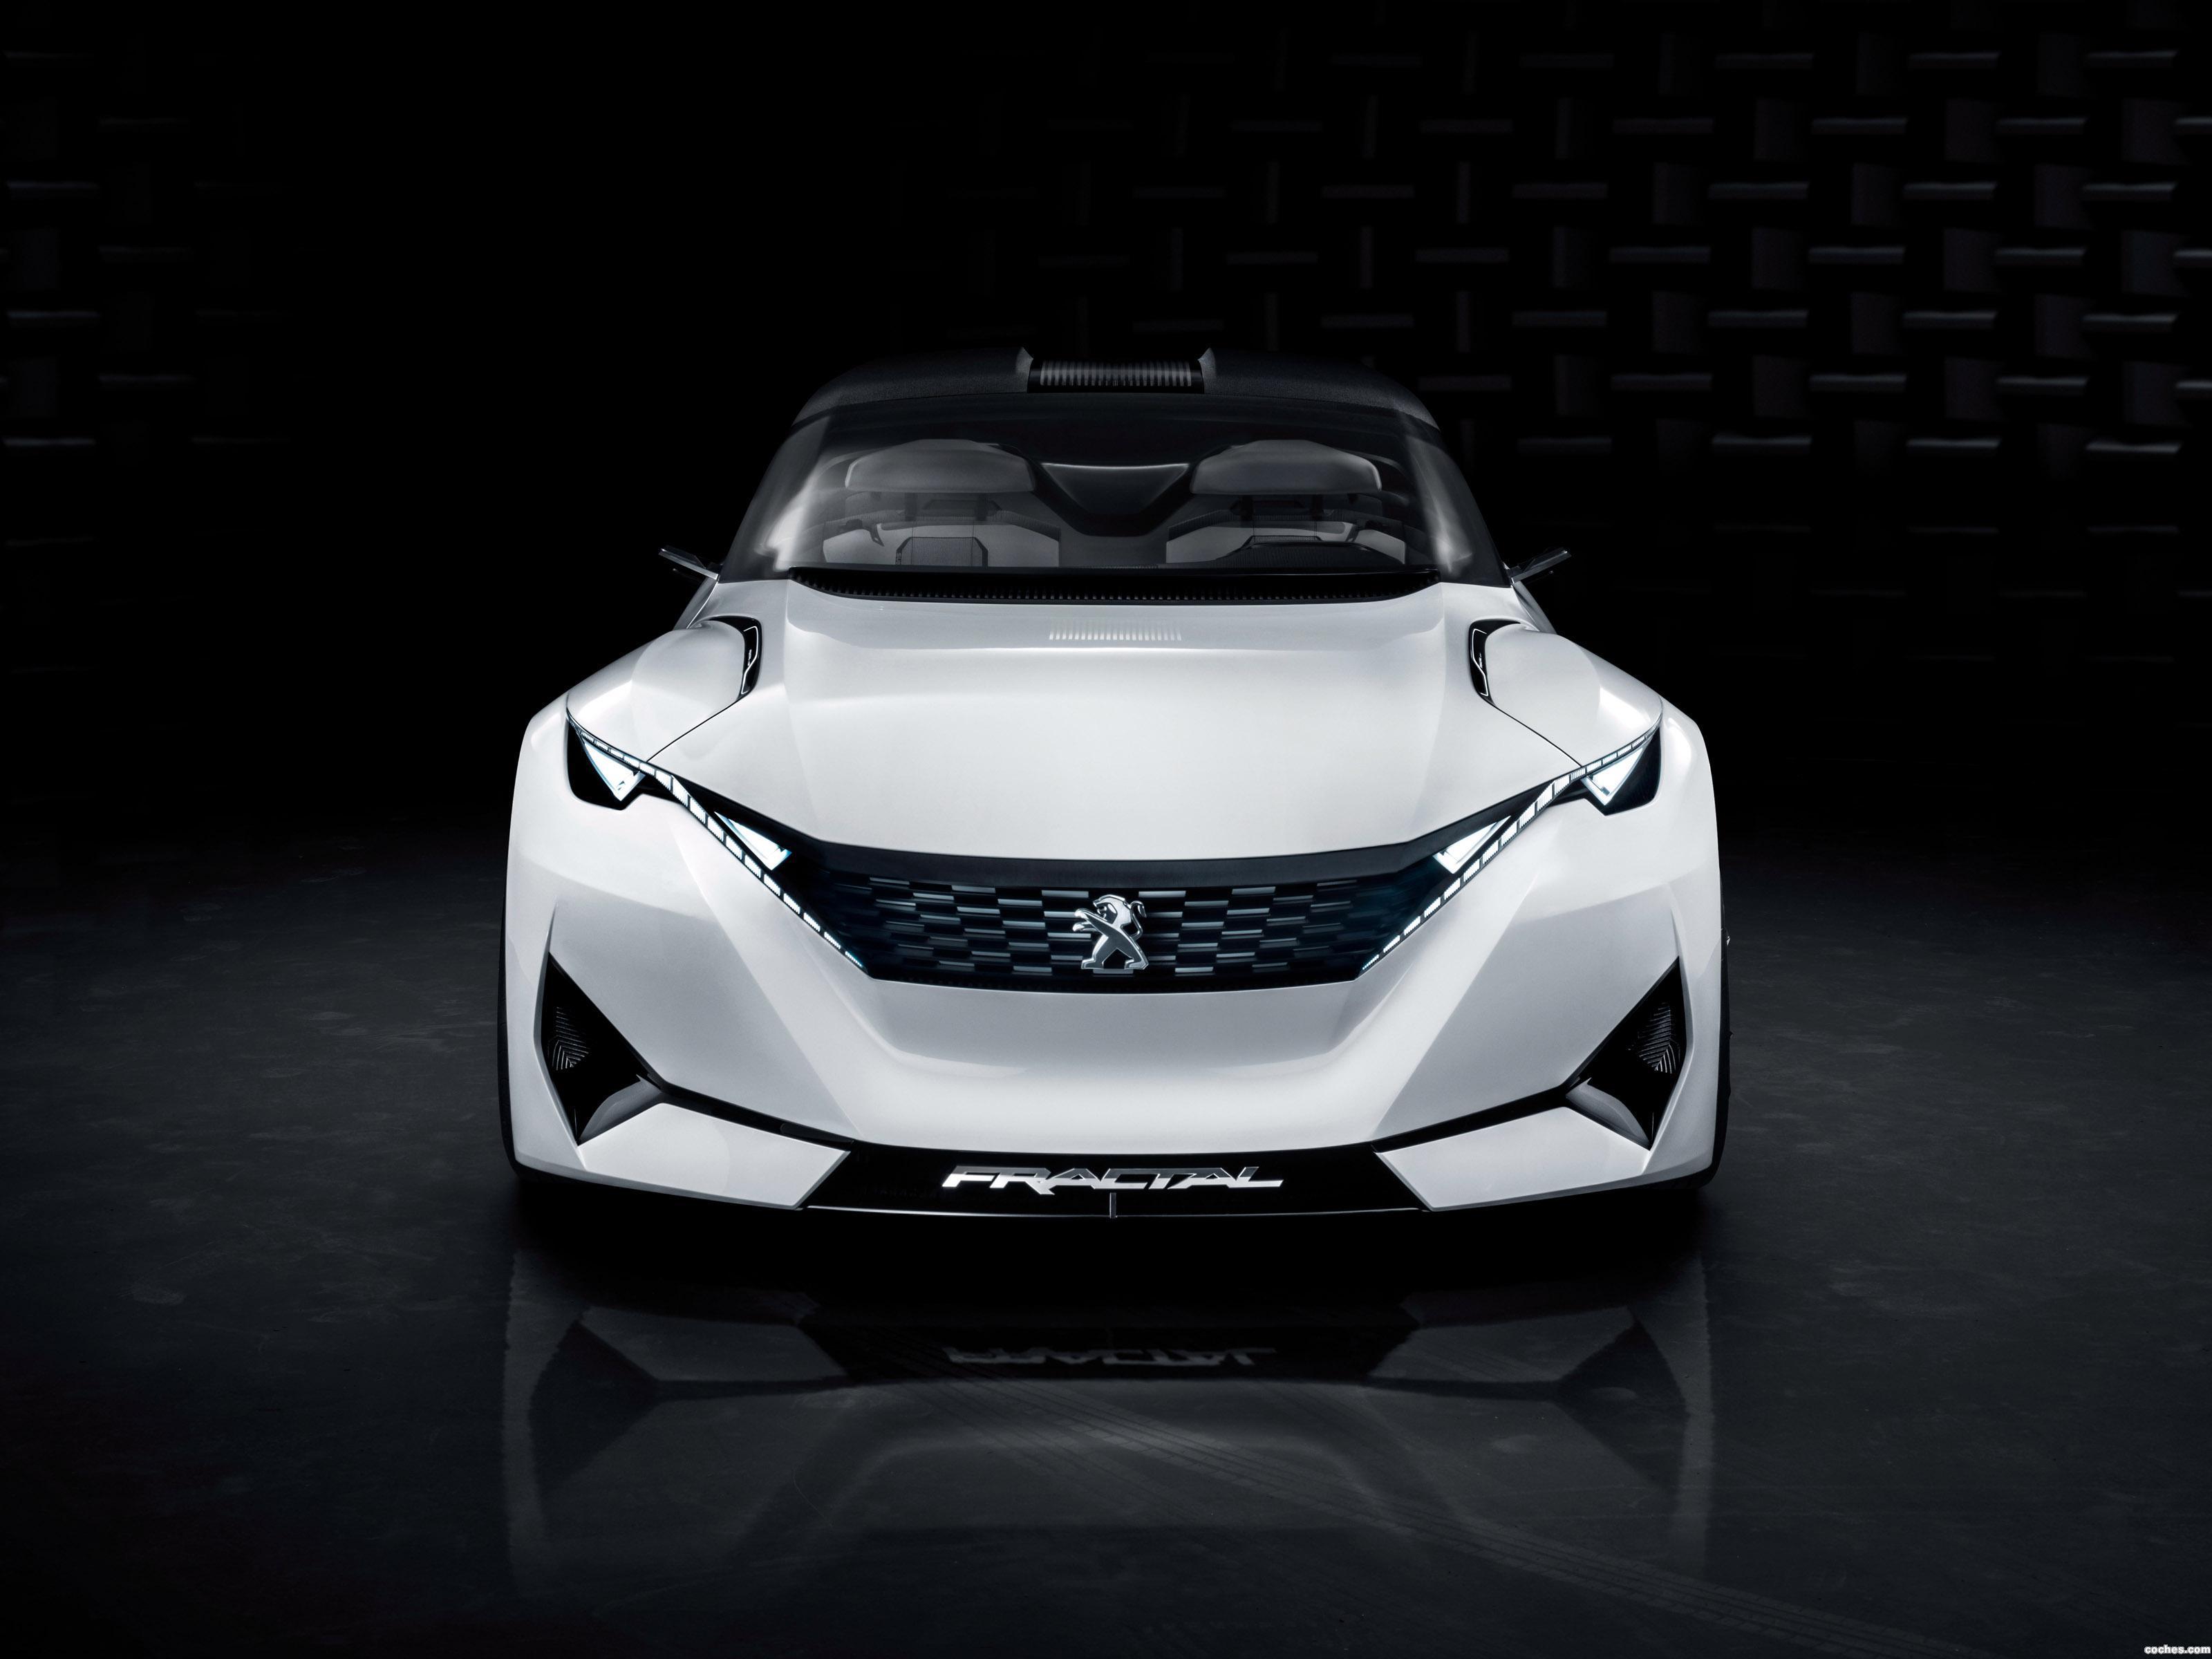 Foto 0 de Peugeot Fractal 2015